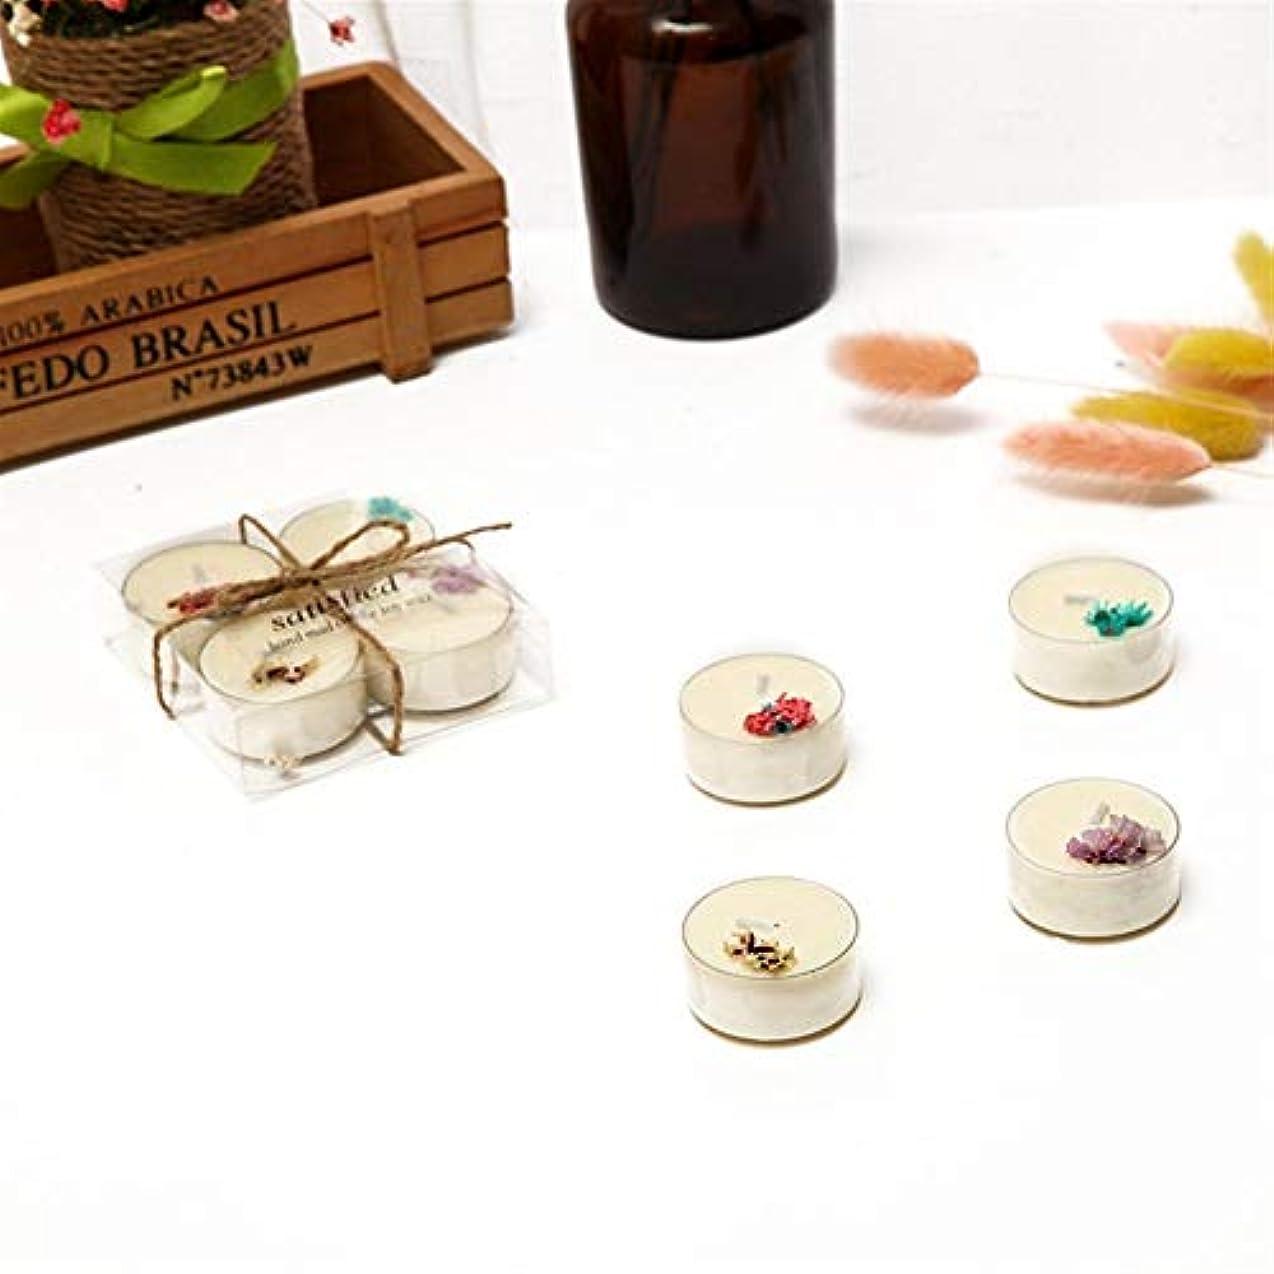 合金略奪ライターGuomao 4つの花小さな茶ワックスガラスボトルアロマセラピーガラスカップ非毒性環境保護 (色 : Lavender)